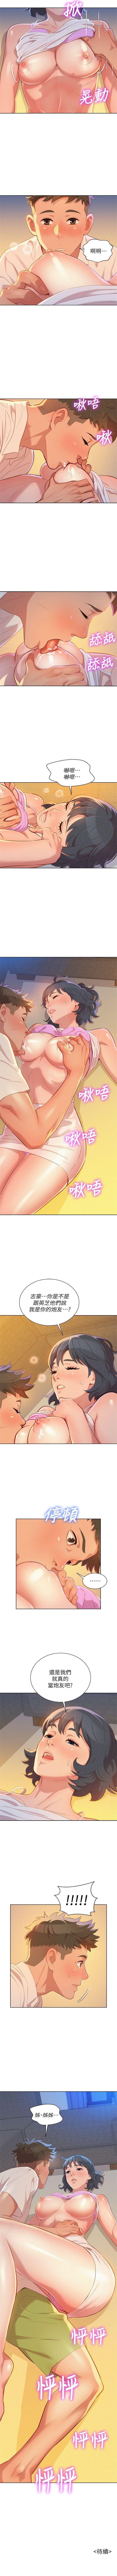 (周7)漂亮干姐姐  1-79 中文翻译 (更新中) 166